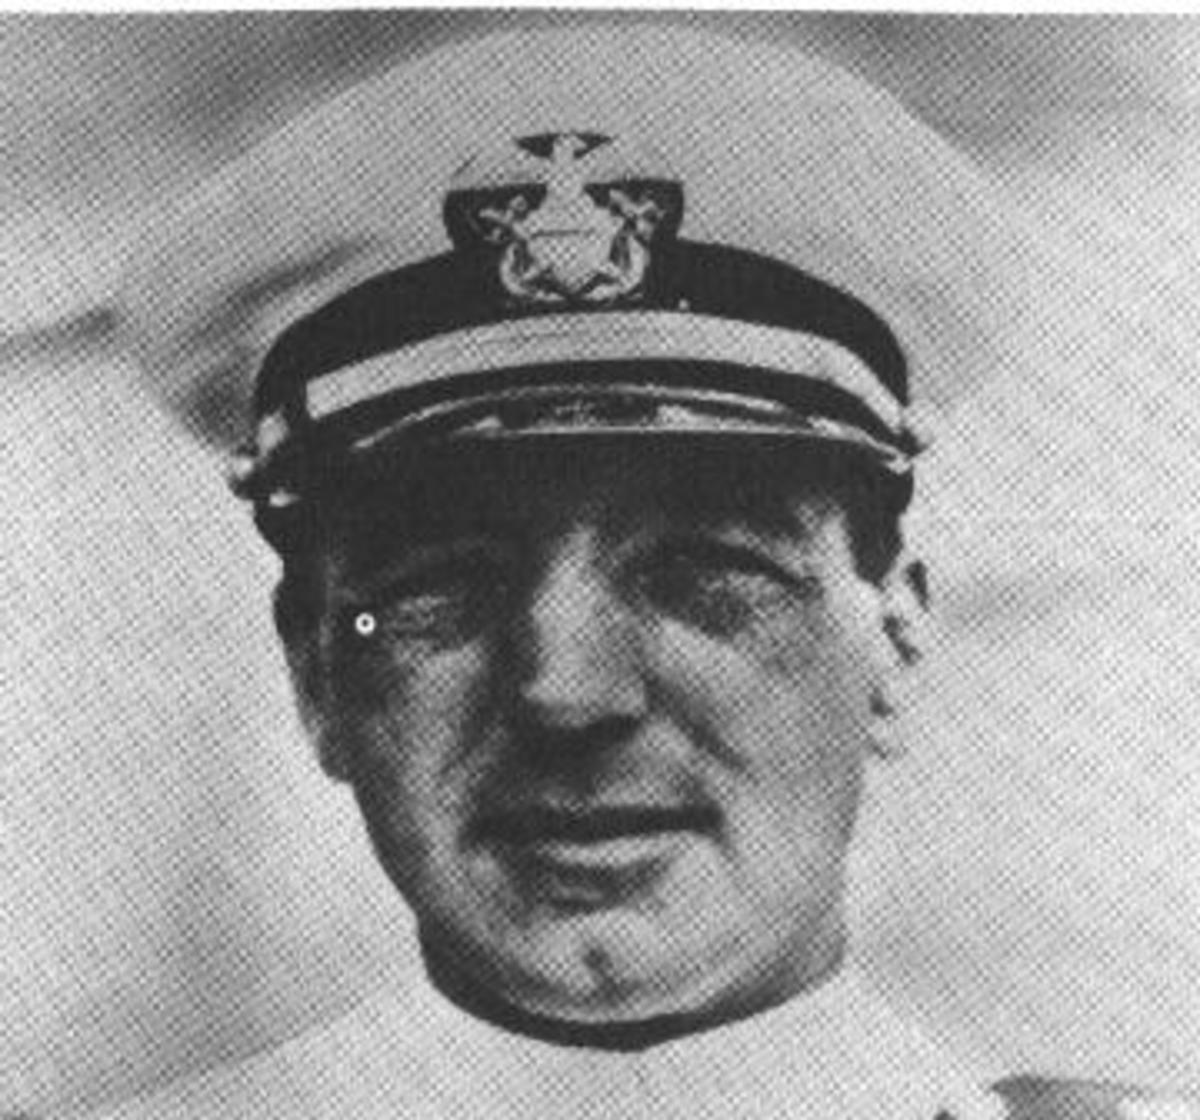 Captain Albert Rooks